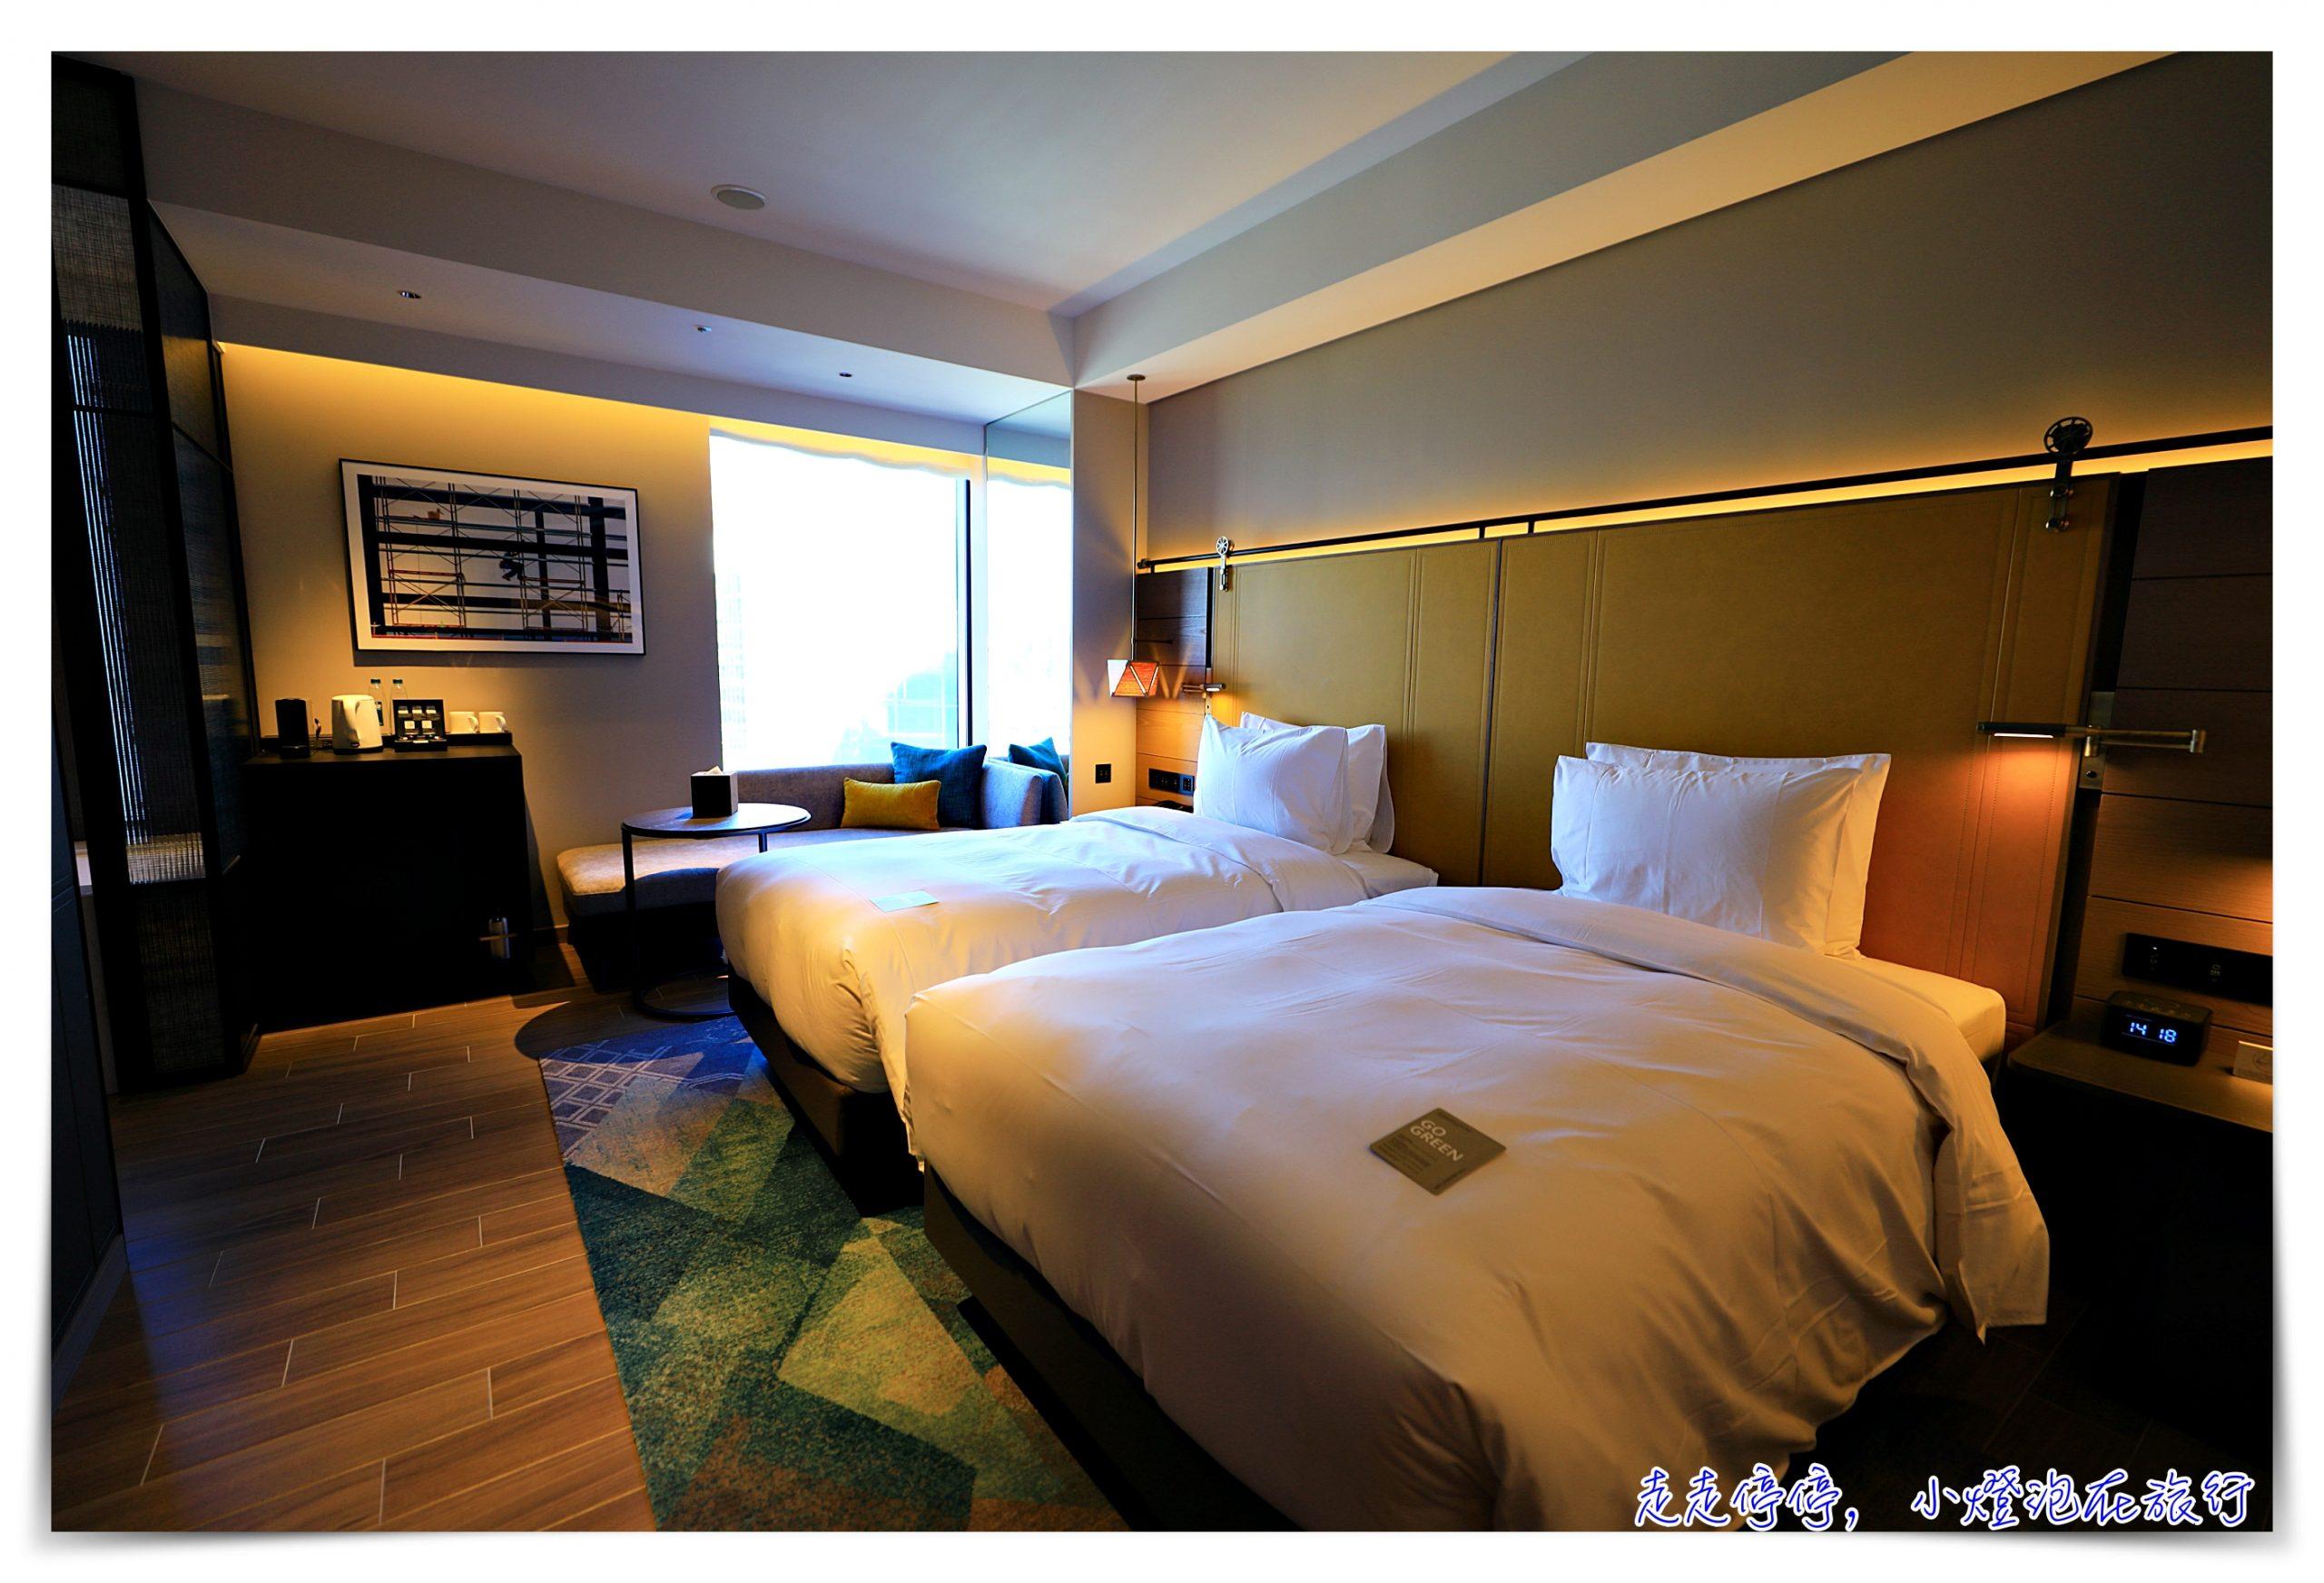 即時熱門文章:時代寓所|超越飯店精品設計風格酒店,Hotel Resonance Taipei,電影風格、處處細緻的在地文化質感,Hilton Tapestry酒店亞太第一家旅館進駐台北